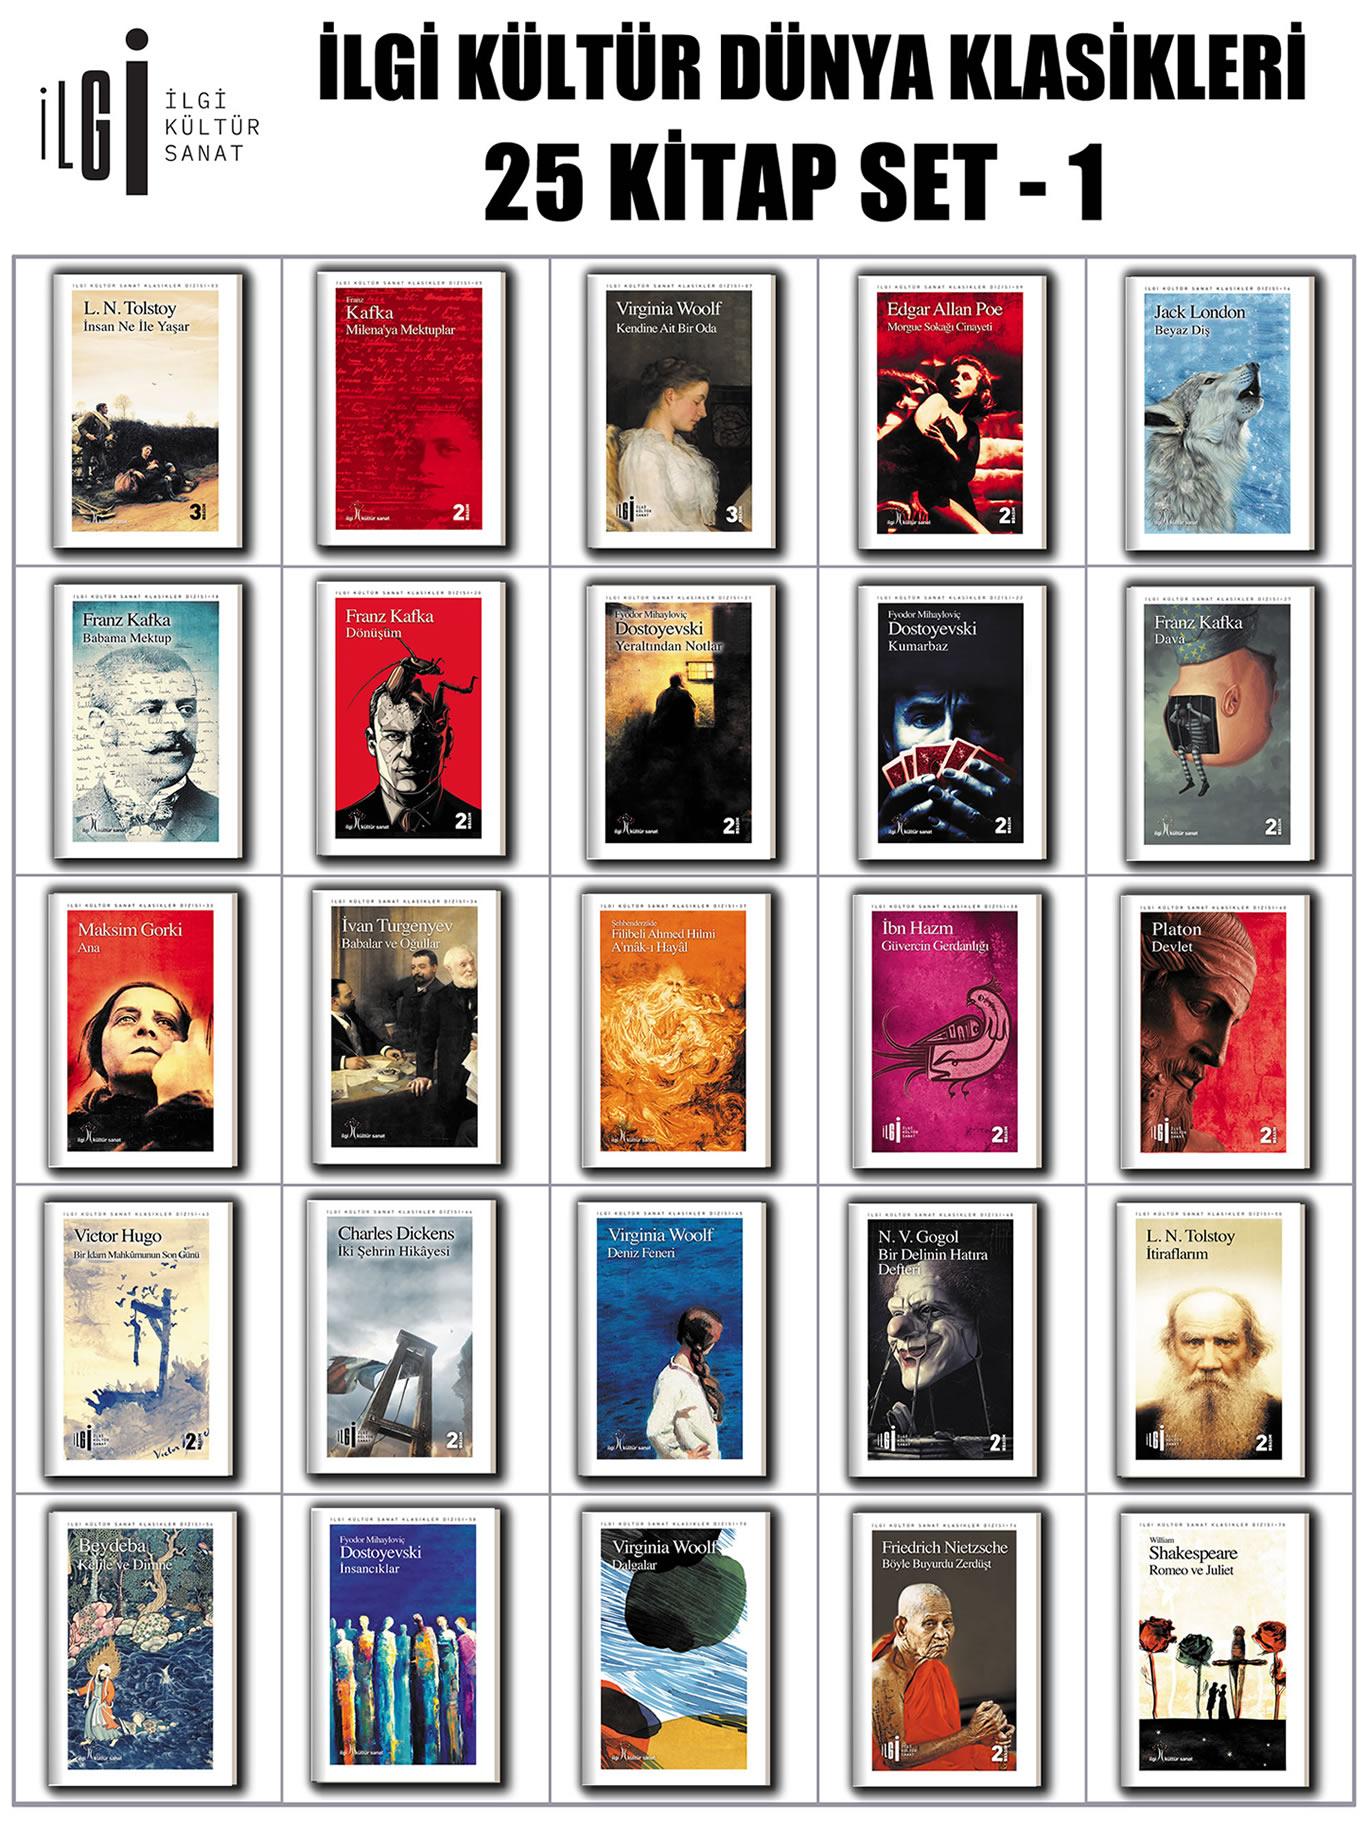 İlgi Kültür Dünya Klasikleri 25 Kitap Set - 1